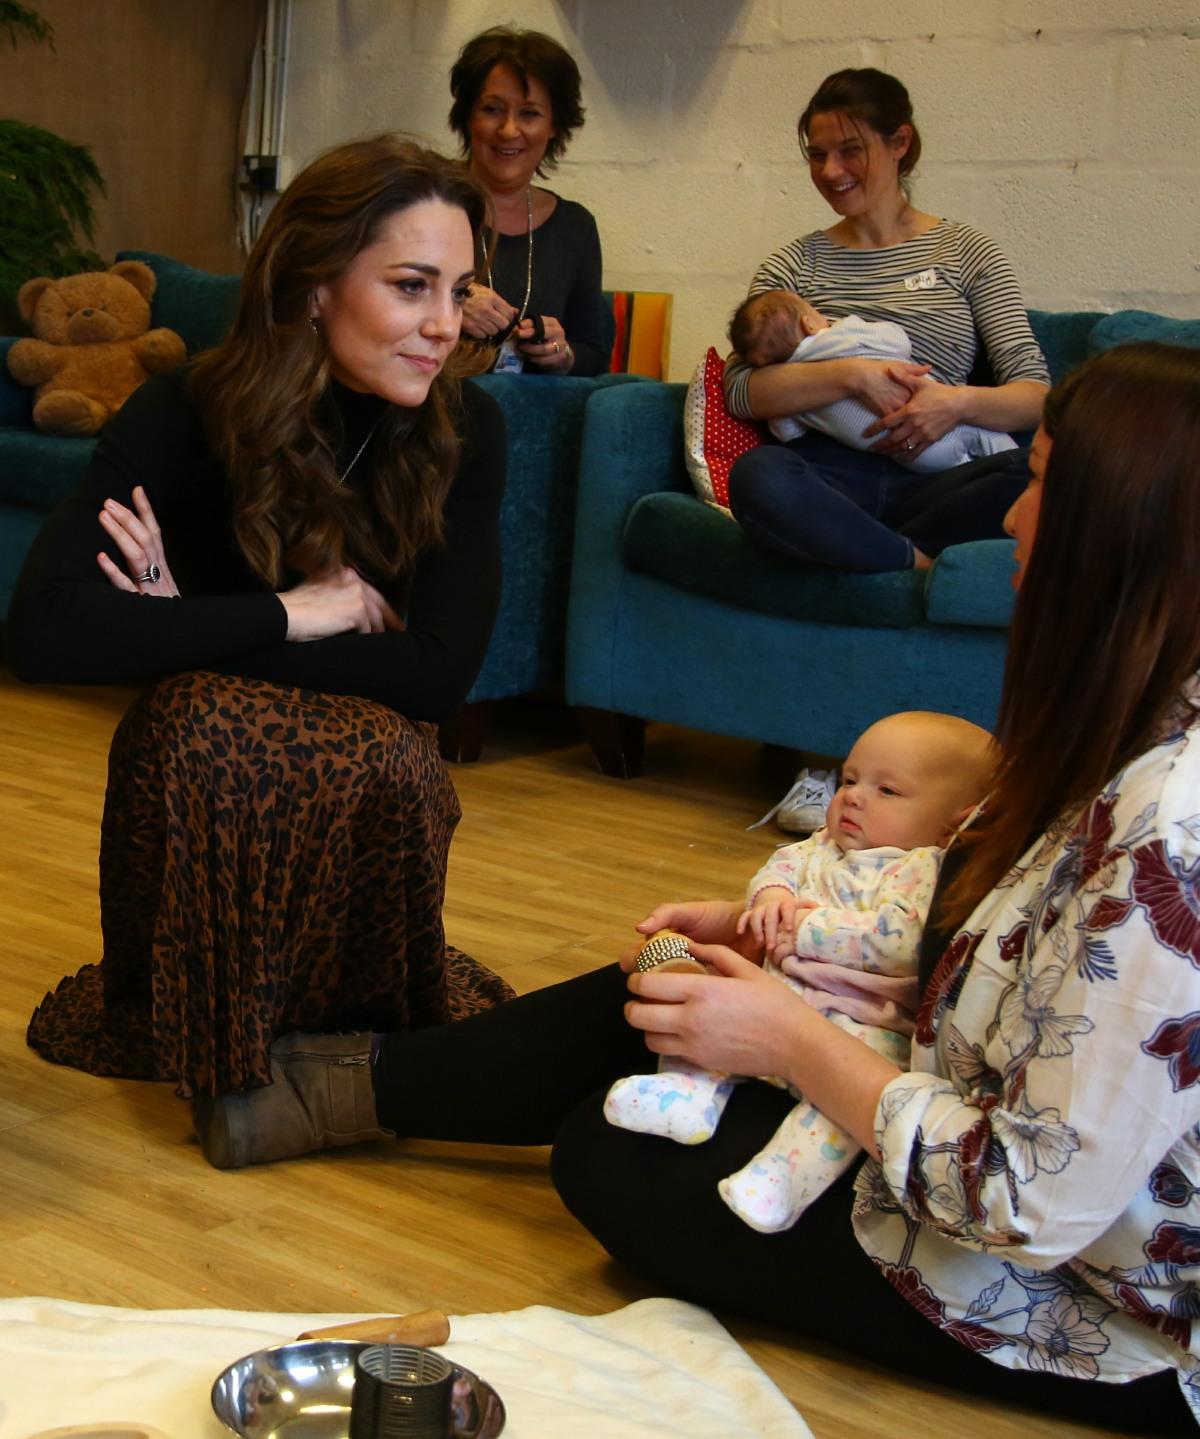 ケンブリッジ公爵夫人のブリティッシュ・キャサリンは、2020年1月22日にサウスウェールズのカーディフにあるイーリー&カエラウ子供センターを訪れ、母親と子供たちに会います。子供の頃。